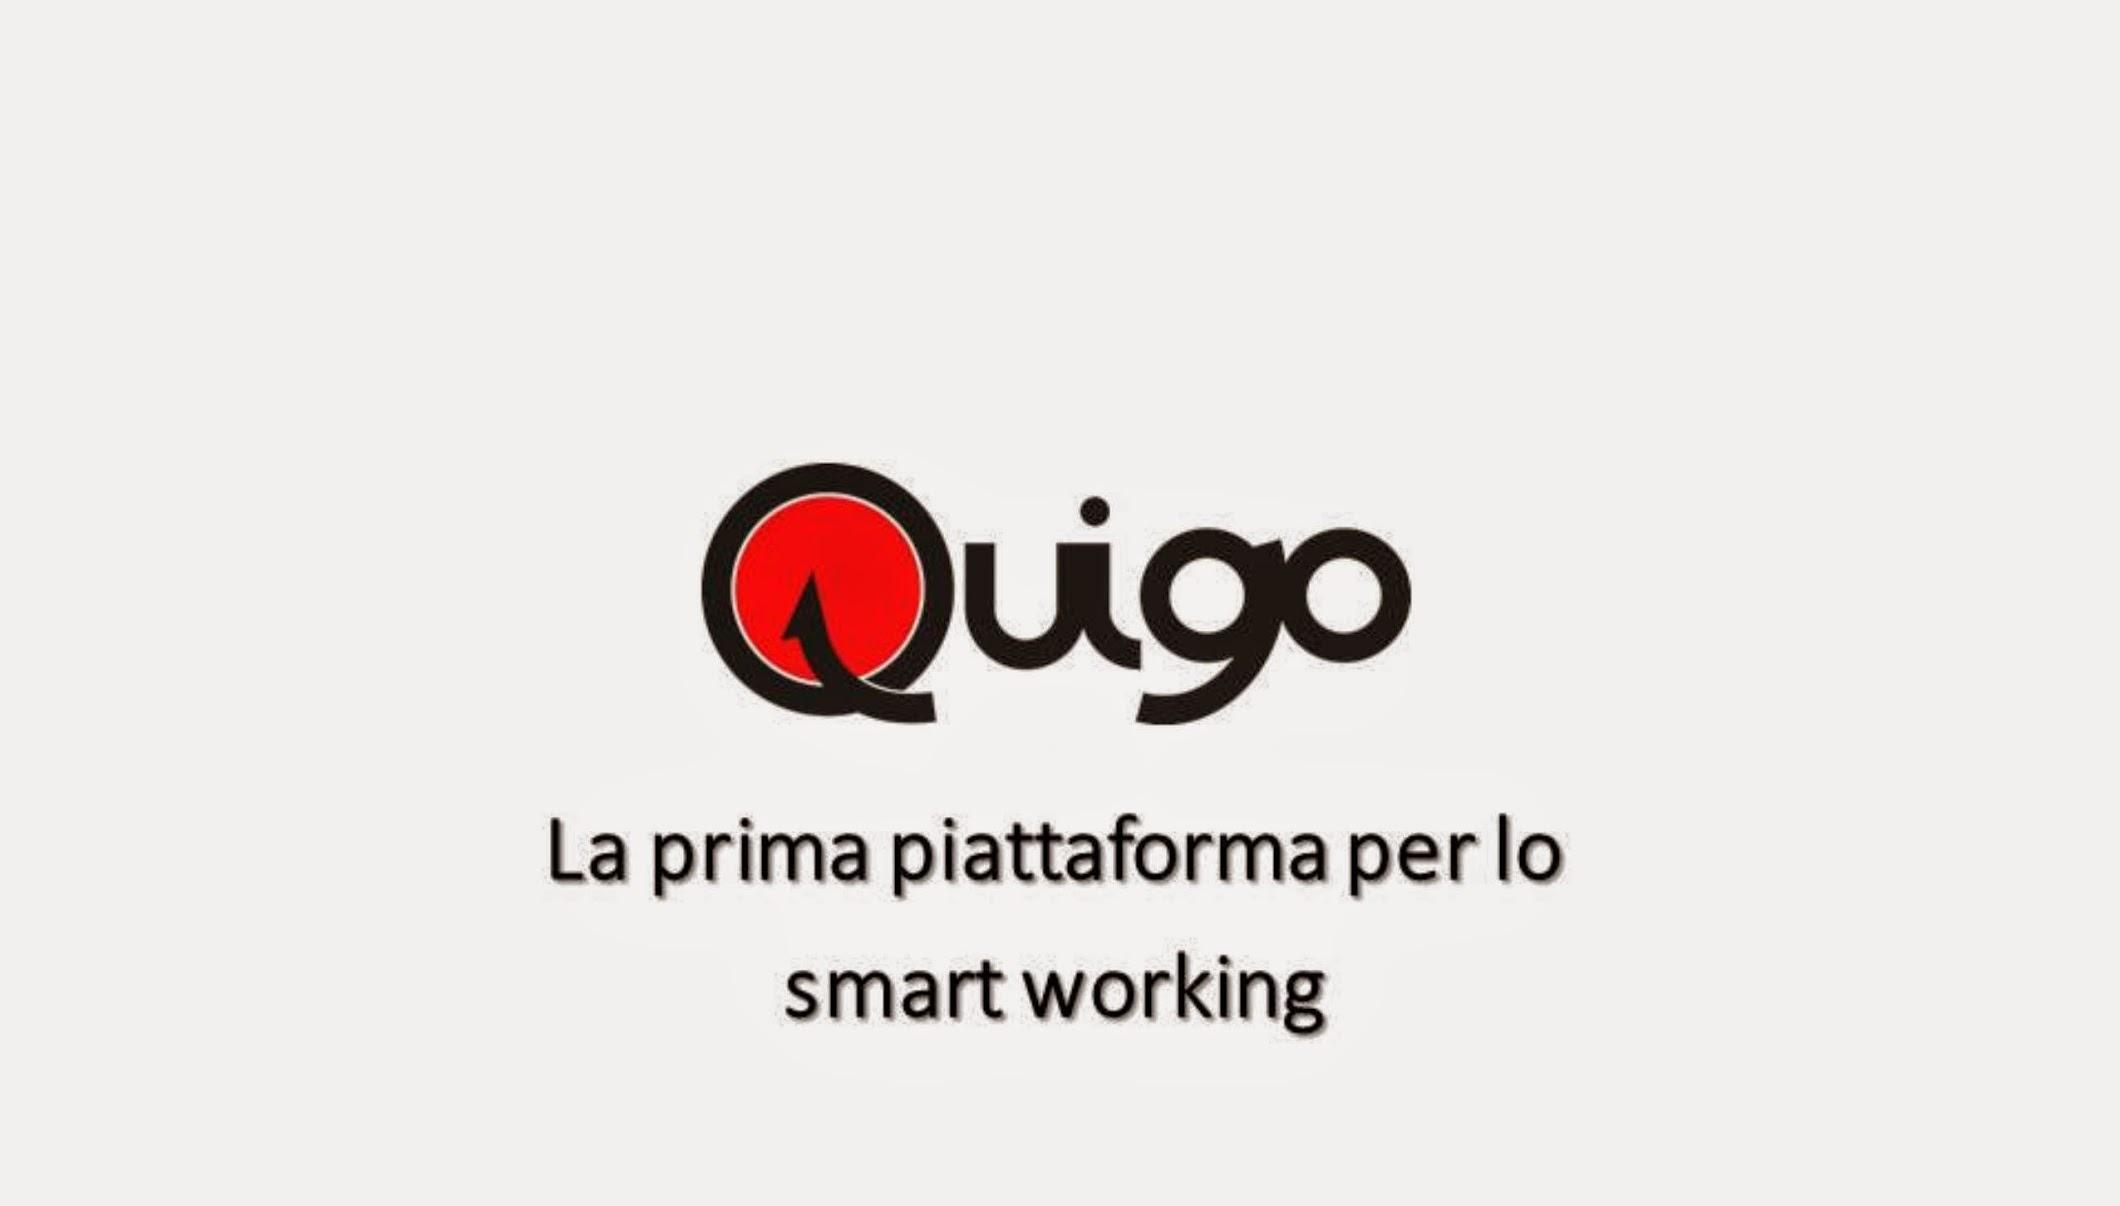 Quigo Smartworking